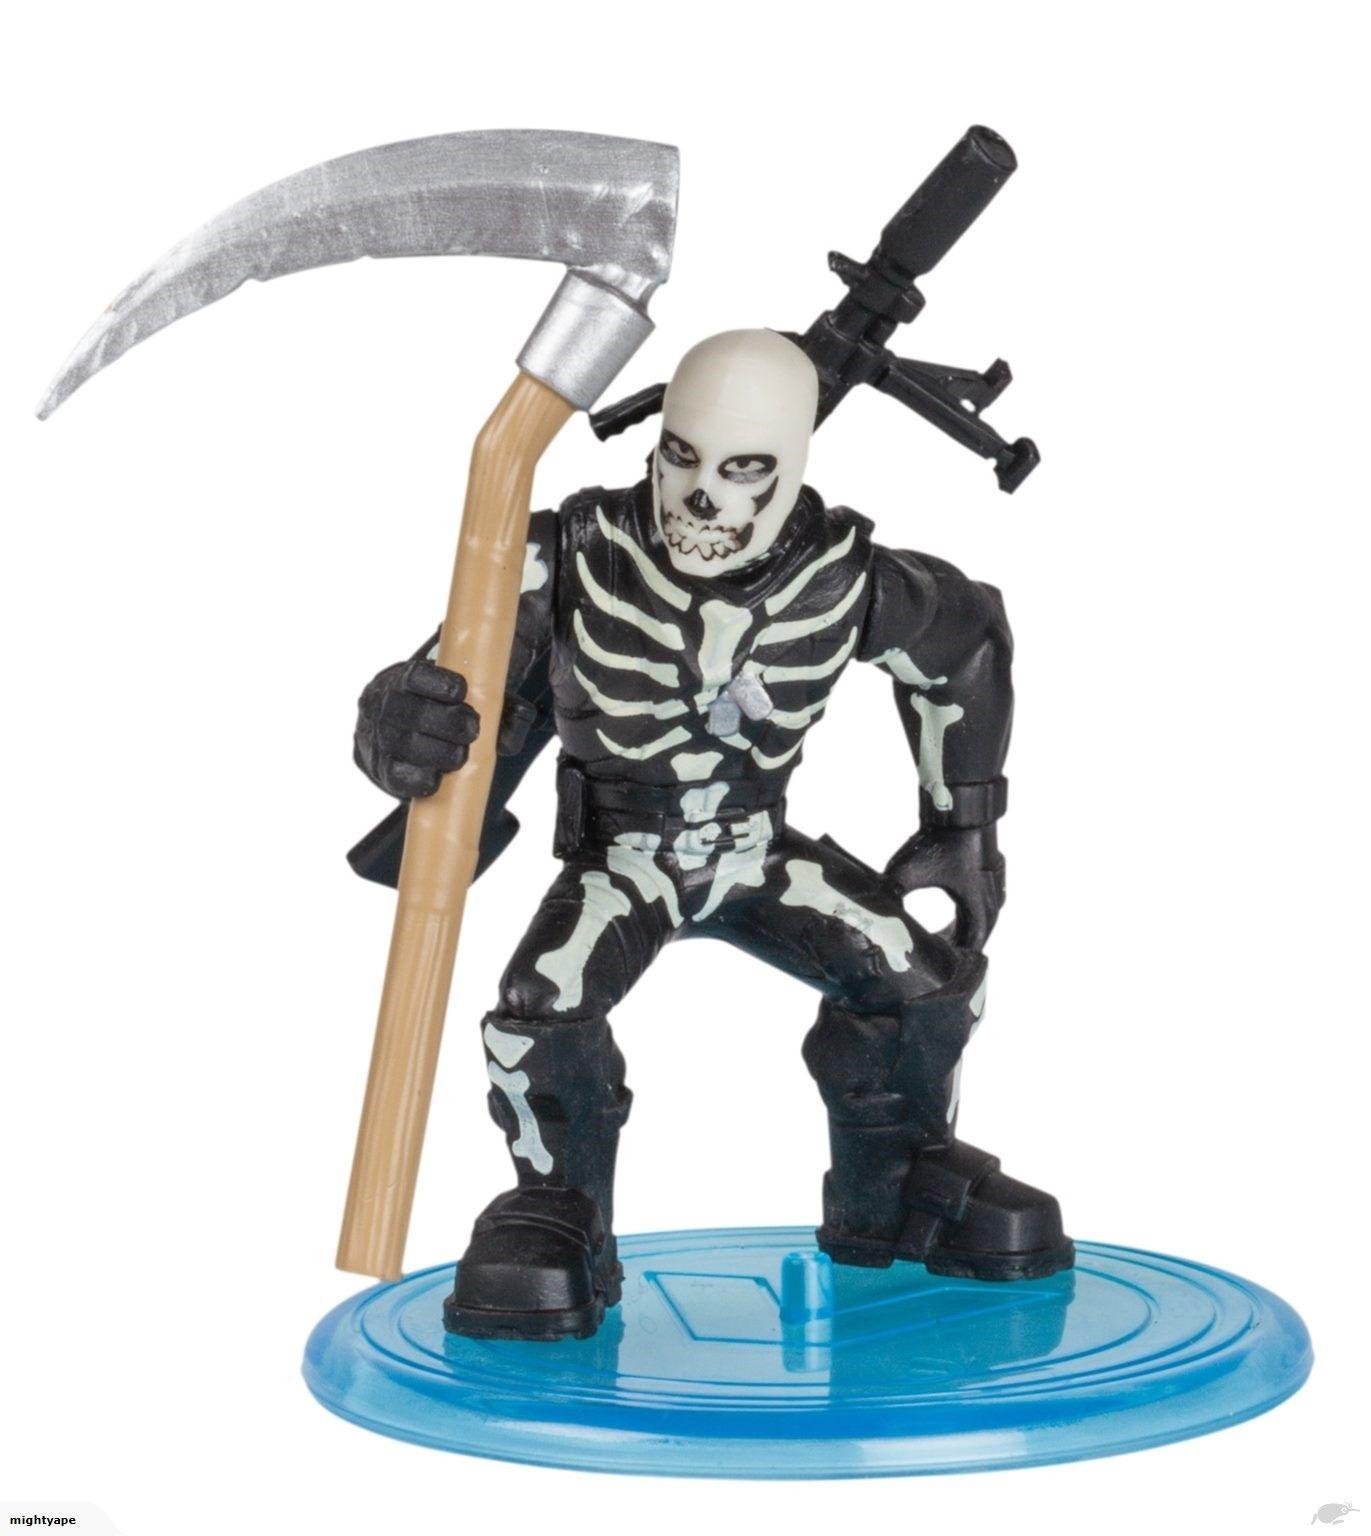 Фигурка Moose Fortnite Battle Royale - Skull Trooper, с 2 оръжия - 2